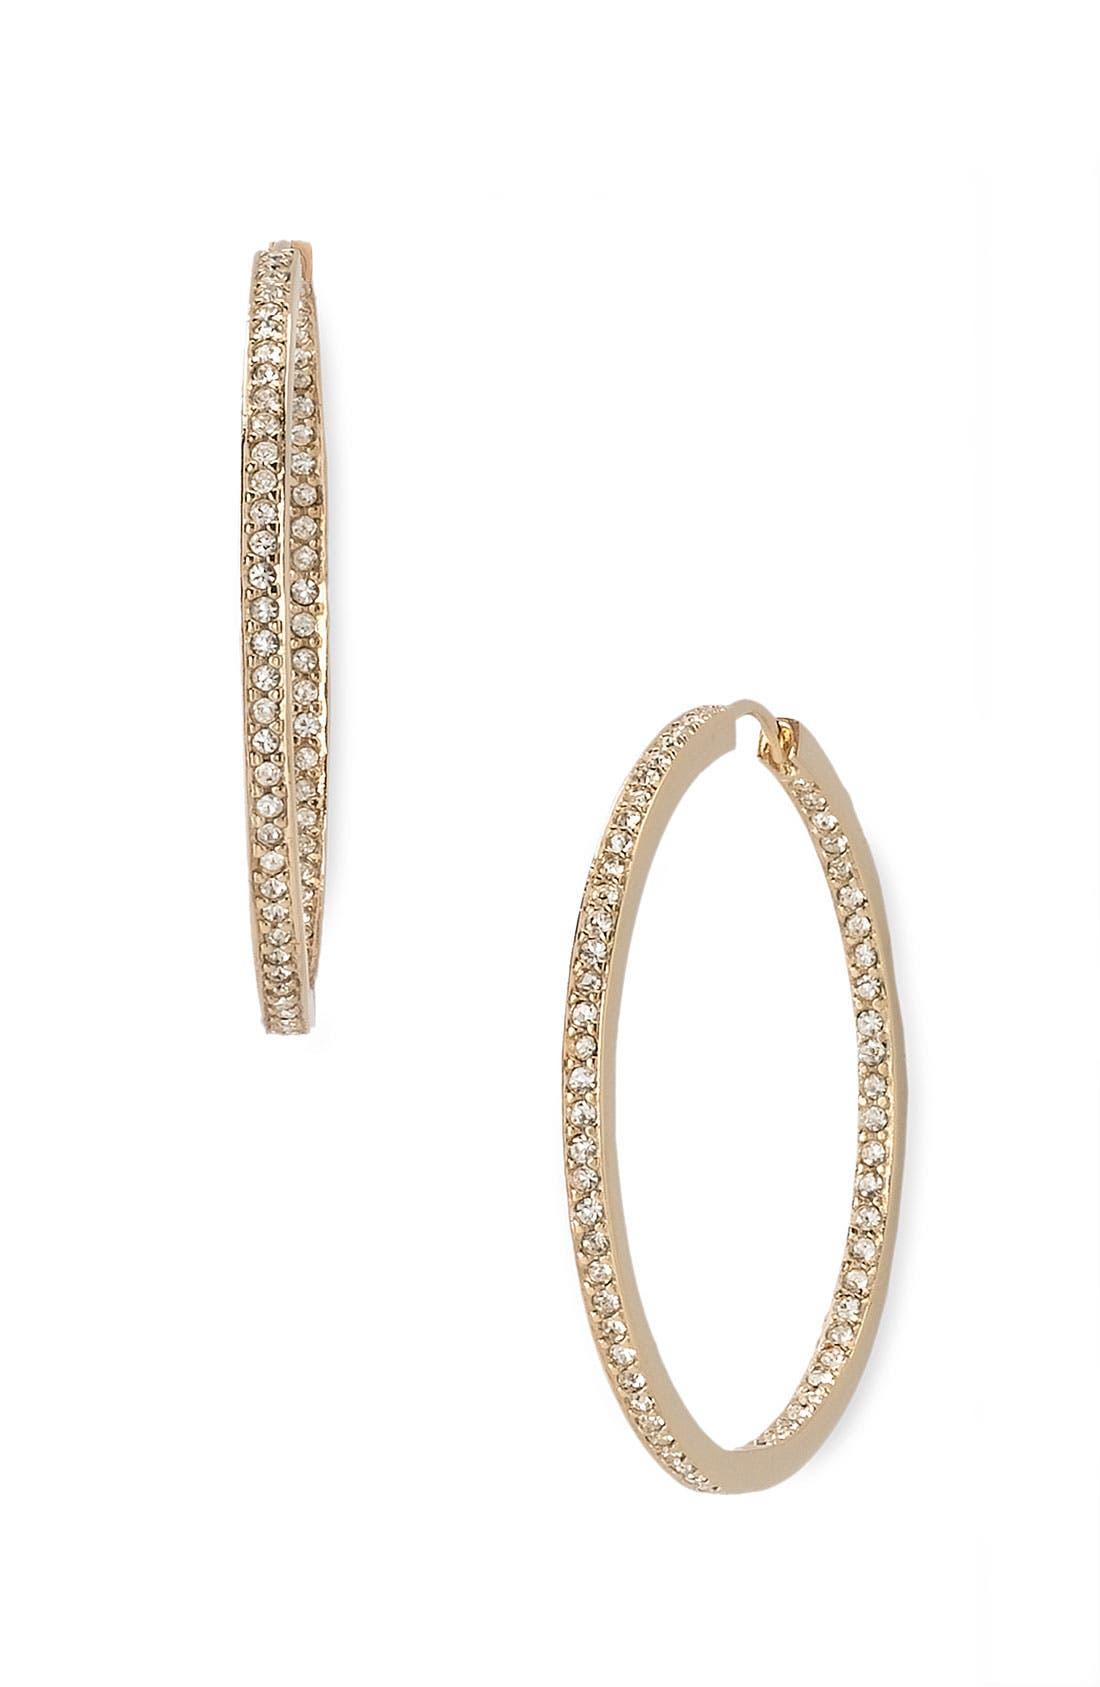 Alternate Image 1 Selected - Nadri Large Channel Hoop Earrings